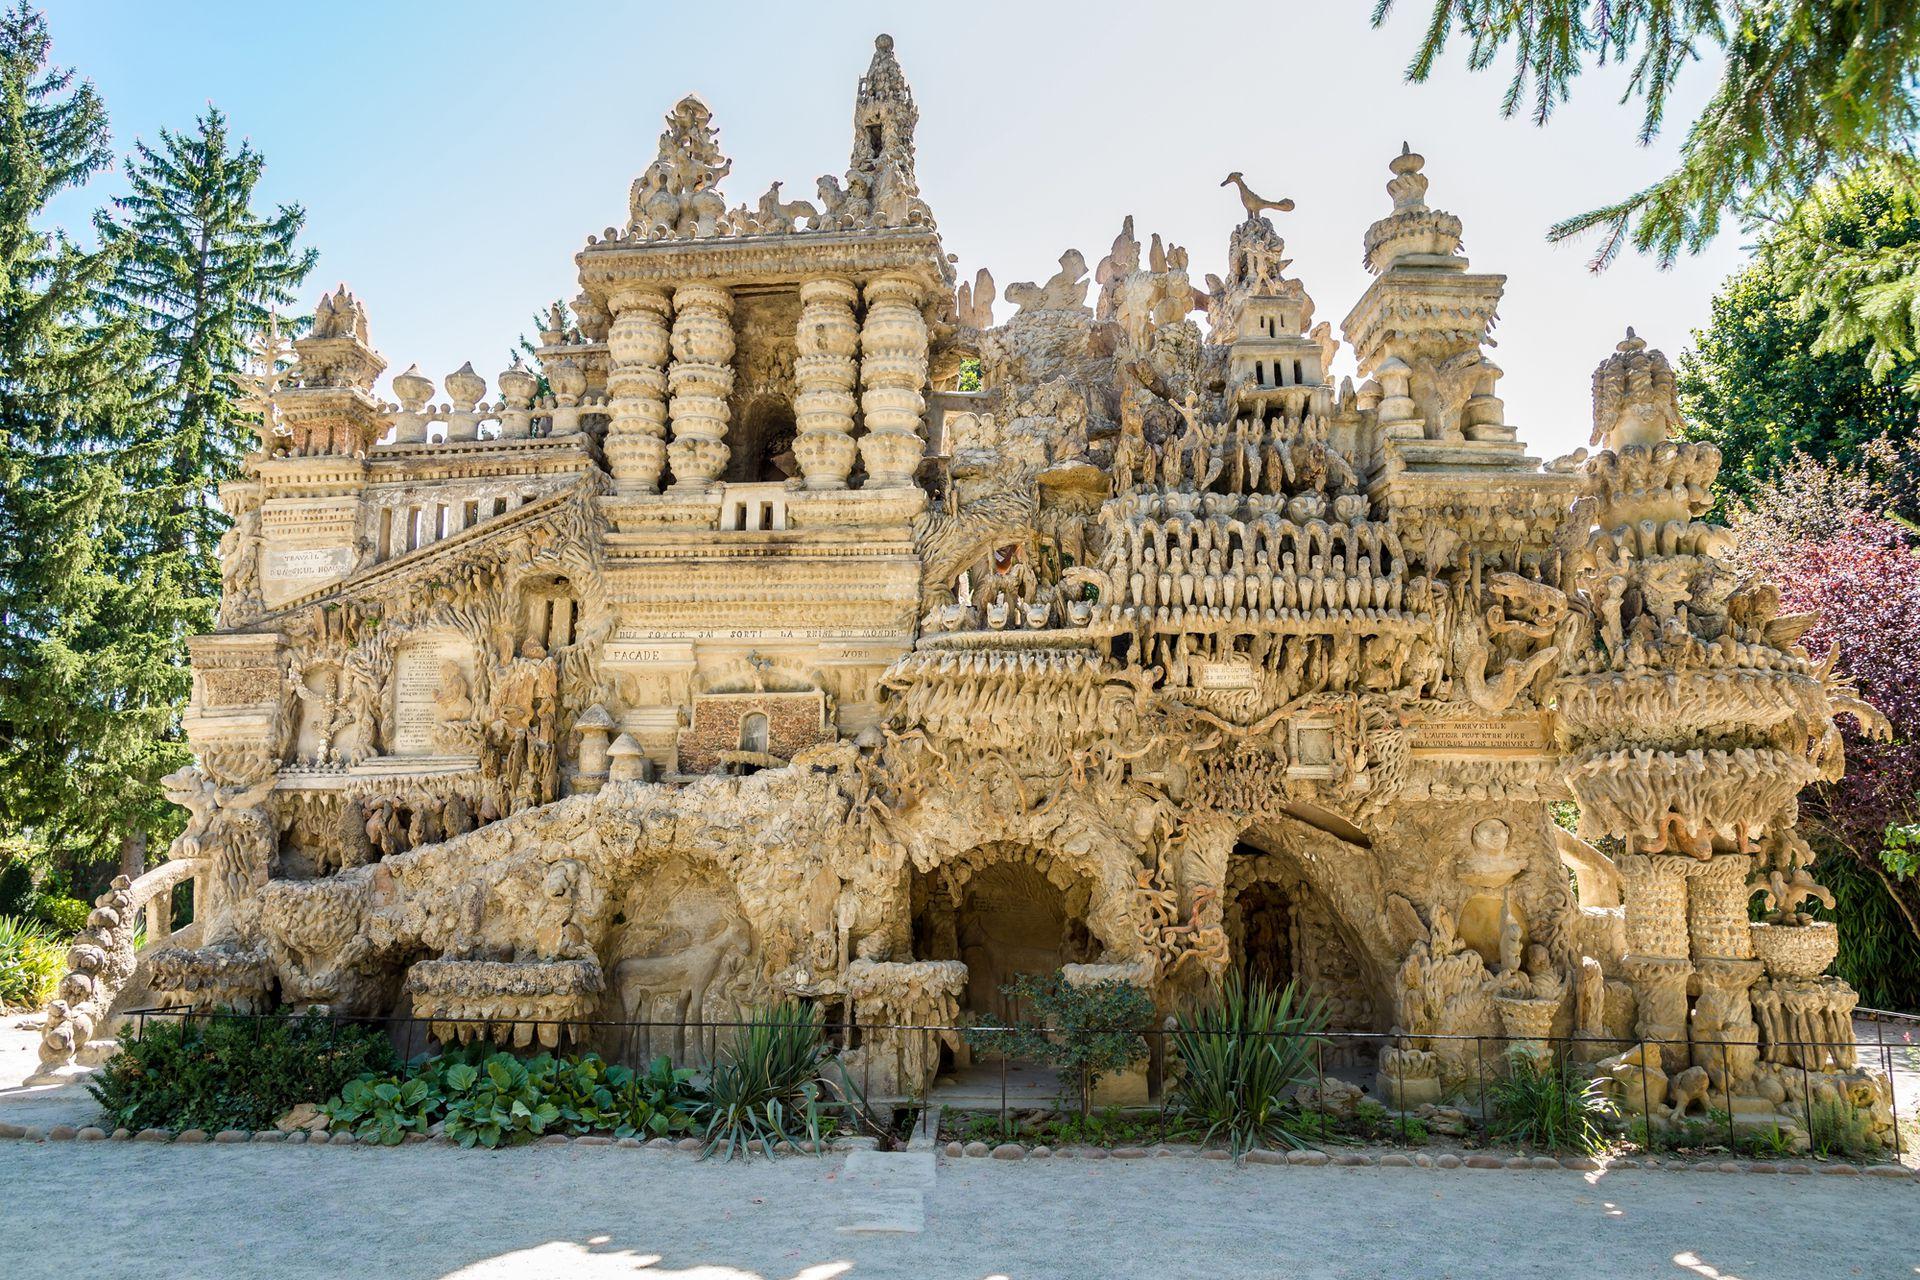 El Palacio Ideal fue construido por Ferdinand Cheval en el siglo XlX